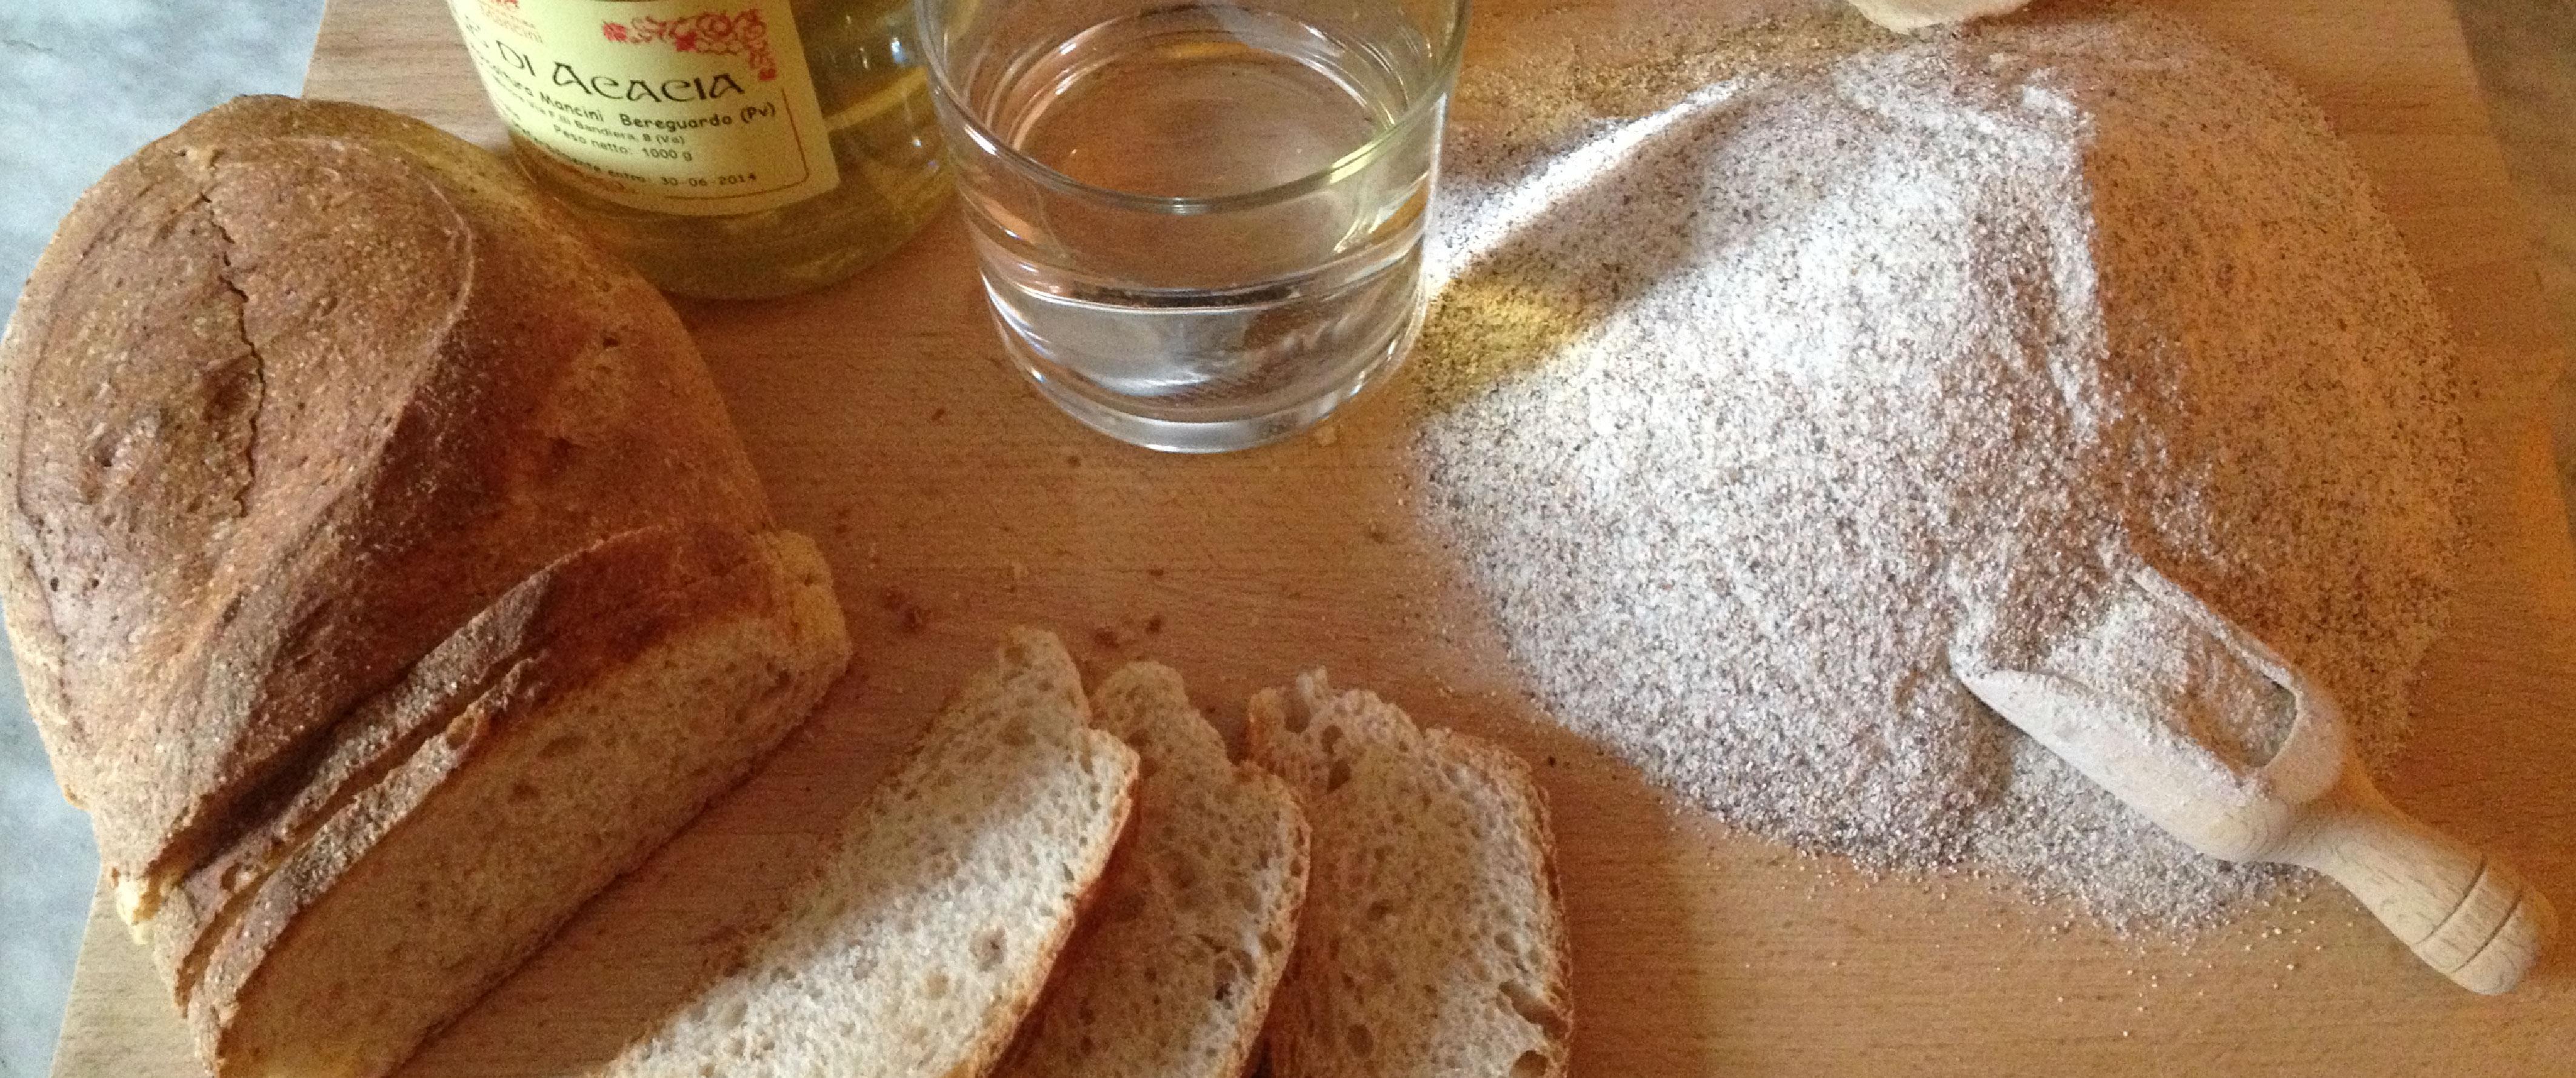 Pane a pasta madre della bottega ex Dogana